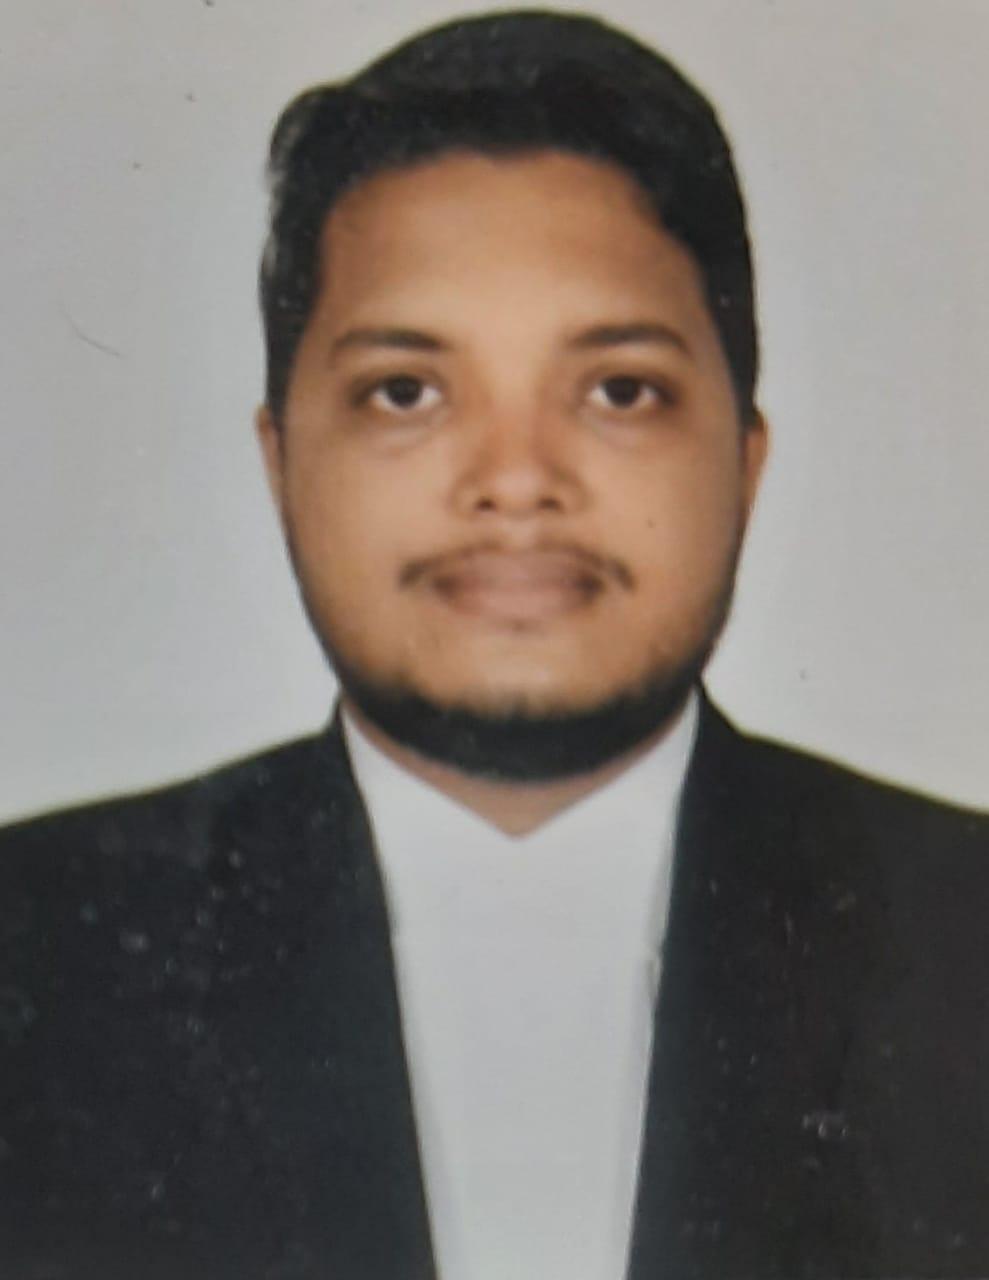 Advocate Vibin Venugopalan Nair Nair